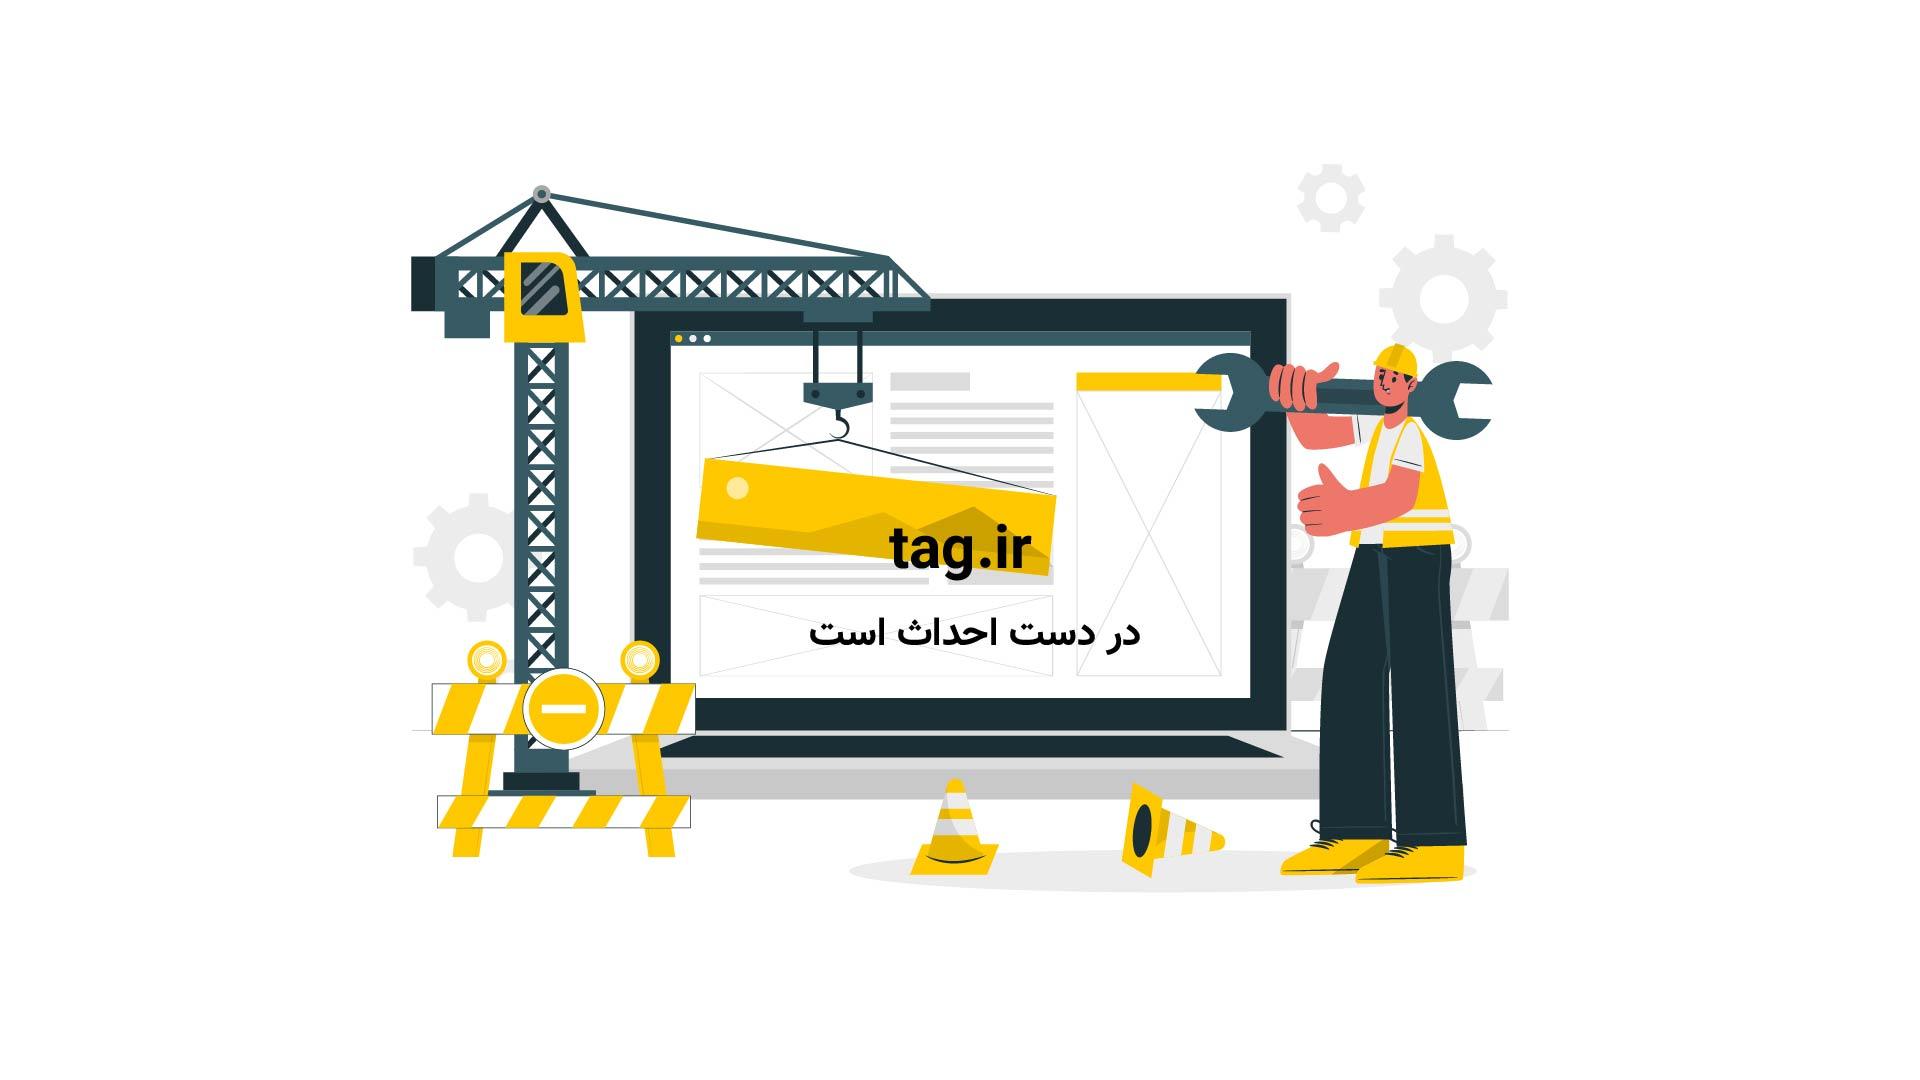 کنسرت | تگ